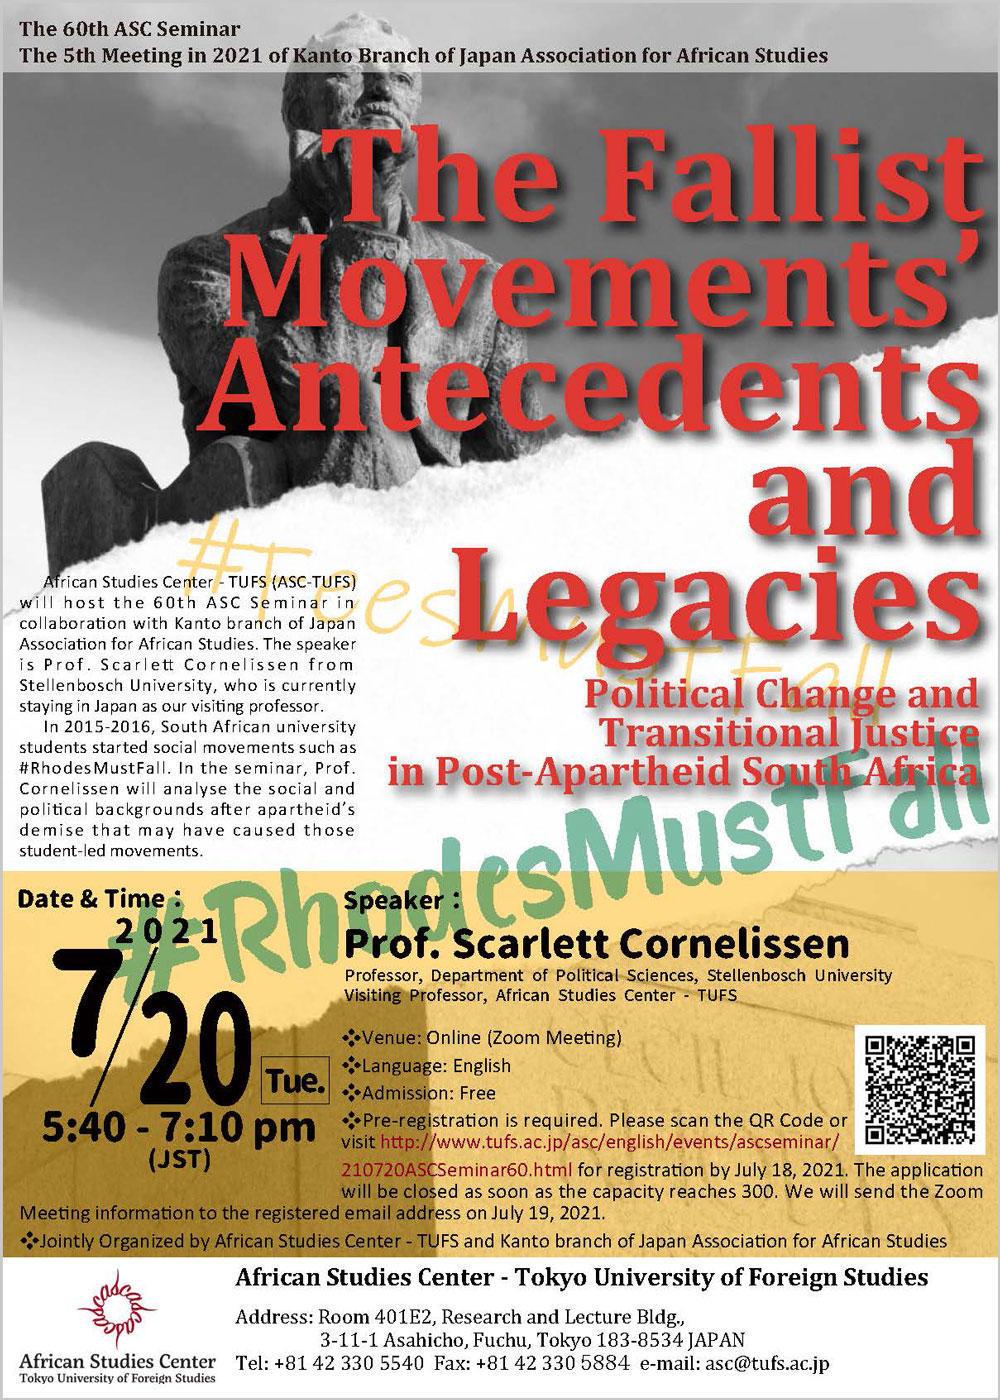 第60回「The Fallist Movements' Antecedents and Legacies: Political Change and Transitional Justice in Post-Apartheid South Africa」